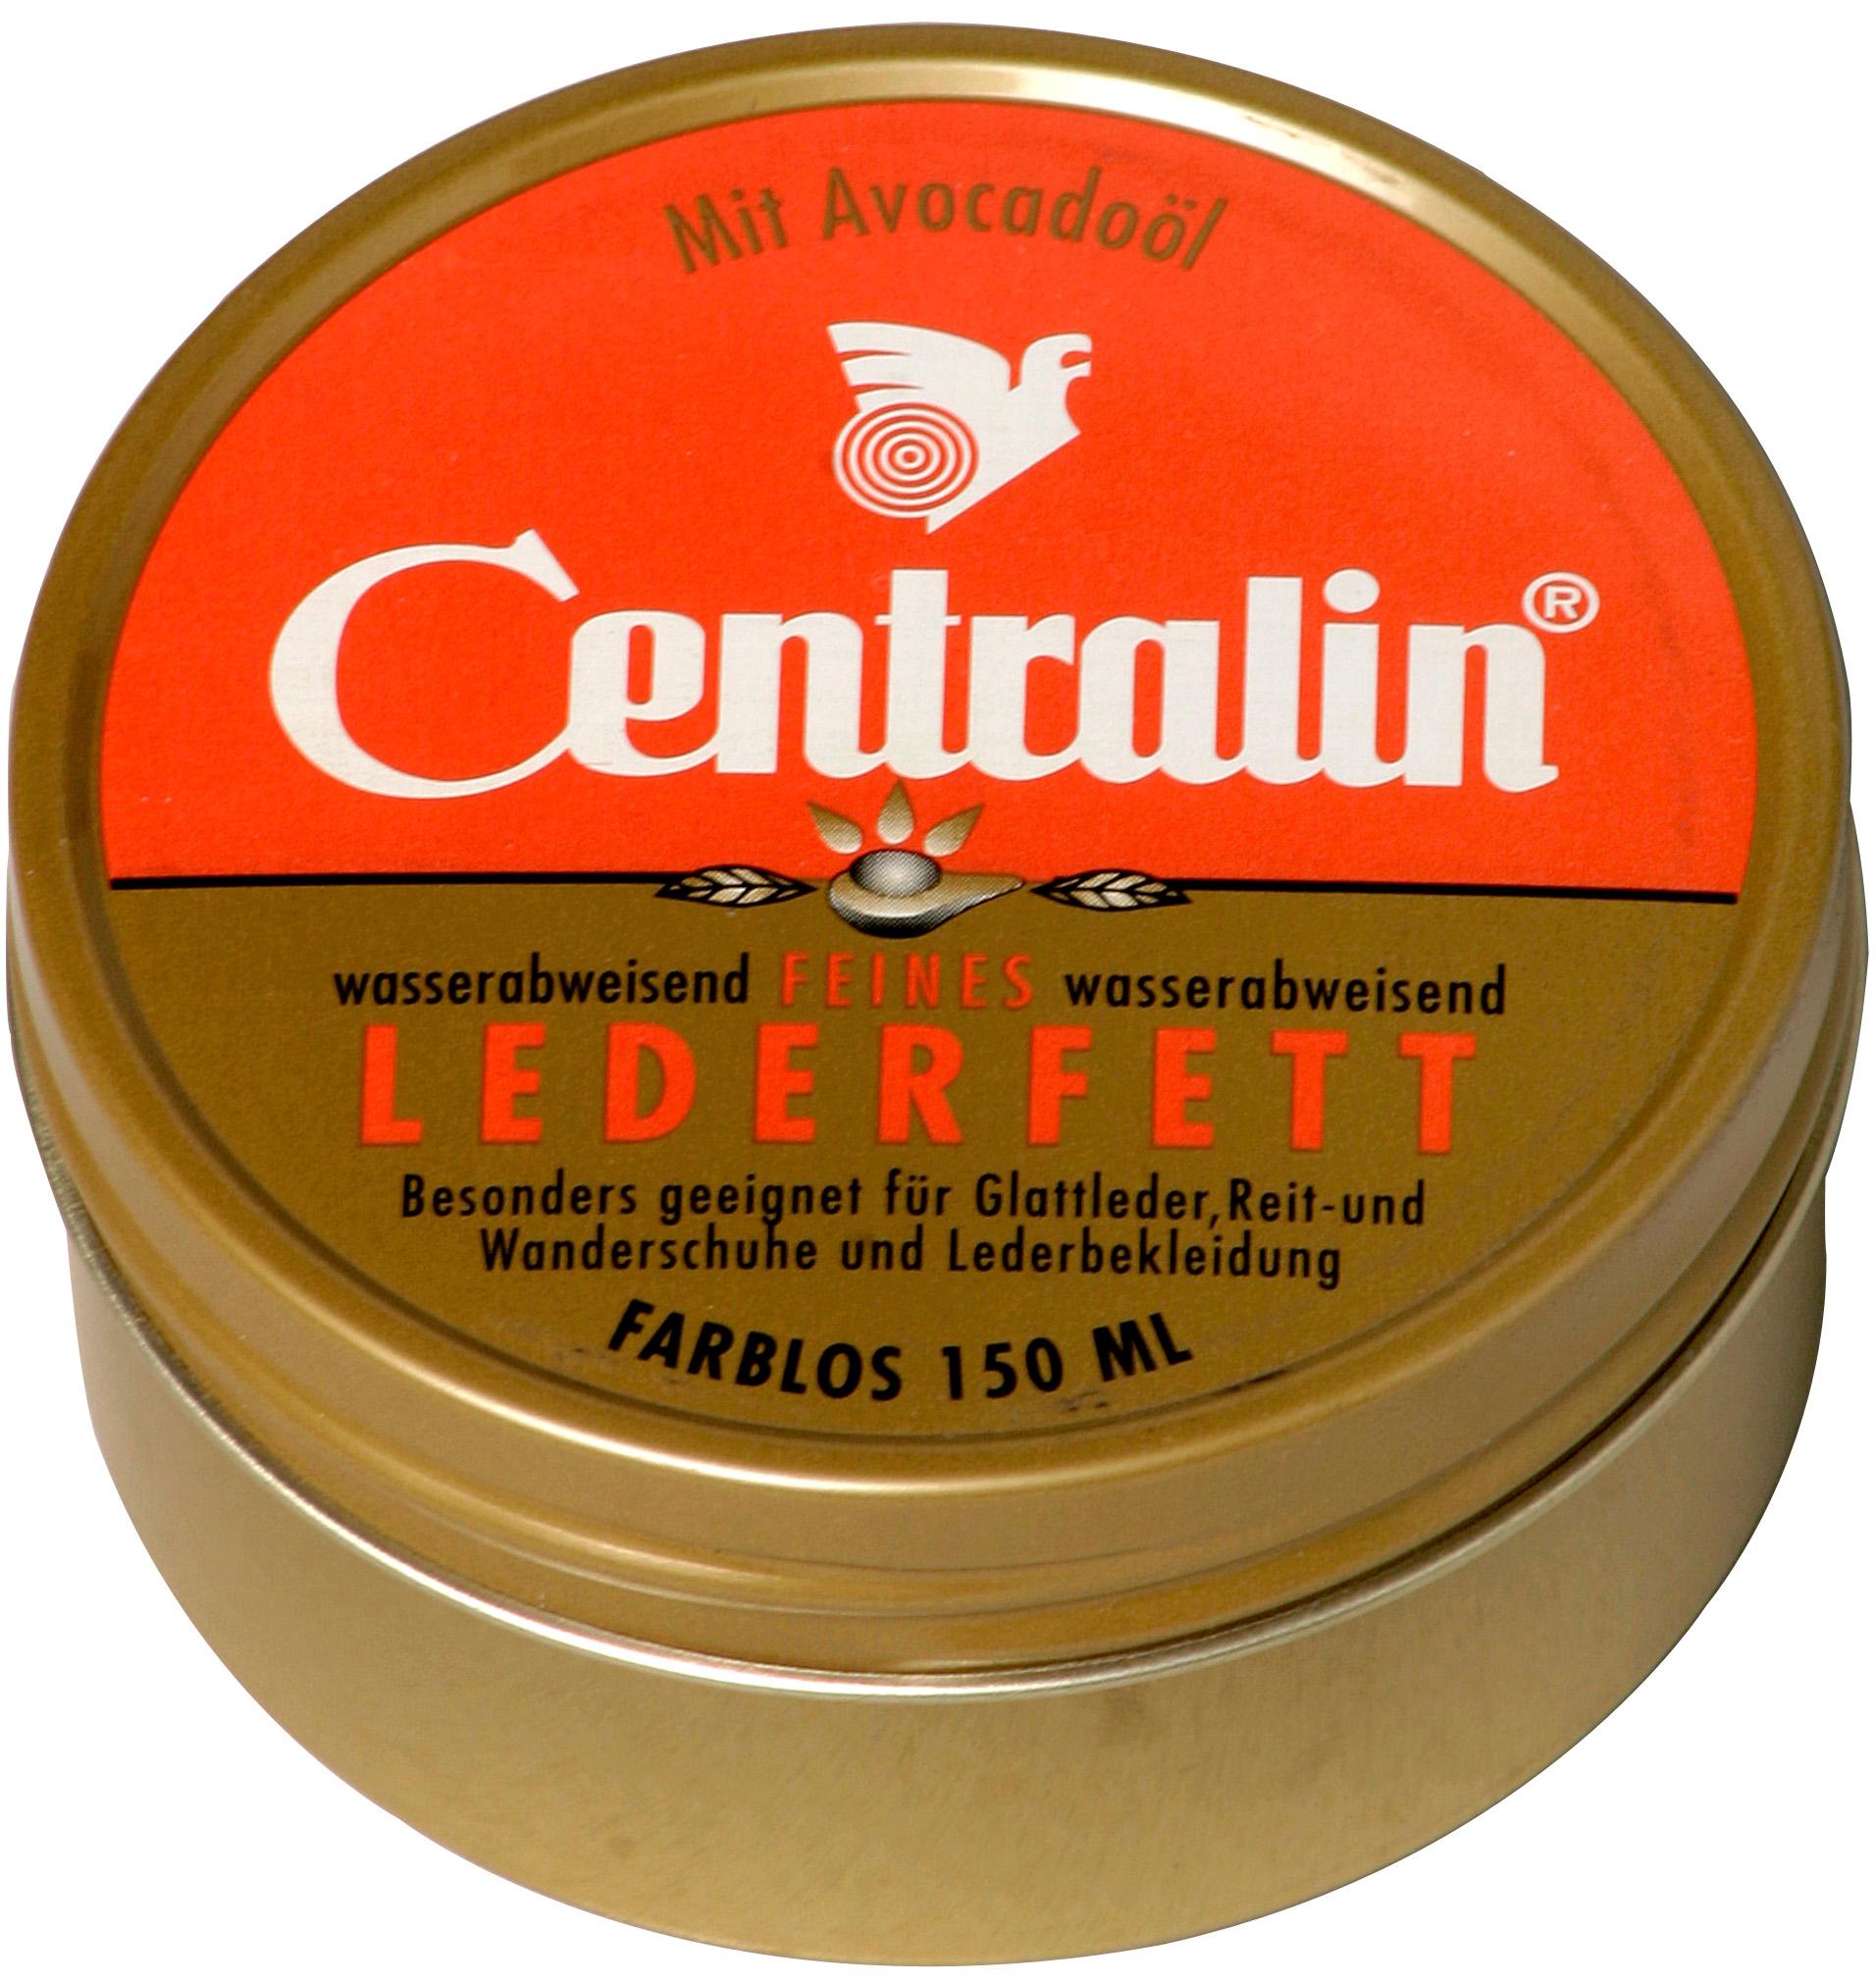 00663 - Centralin Lederfett 150 g Dose -farblos-